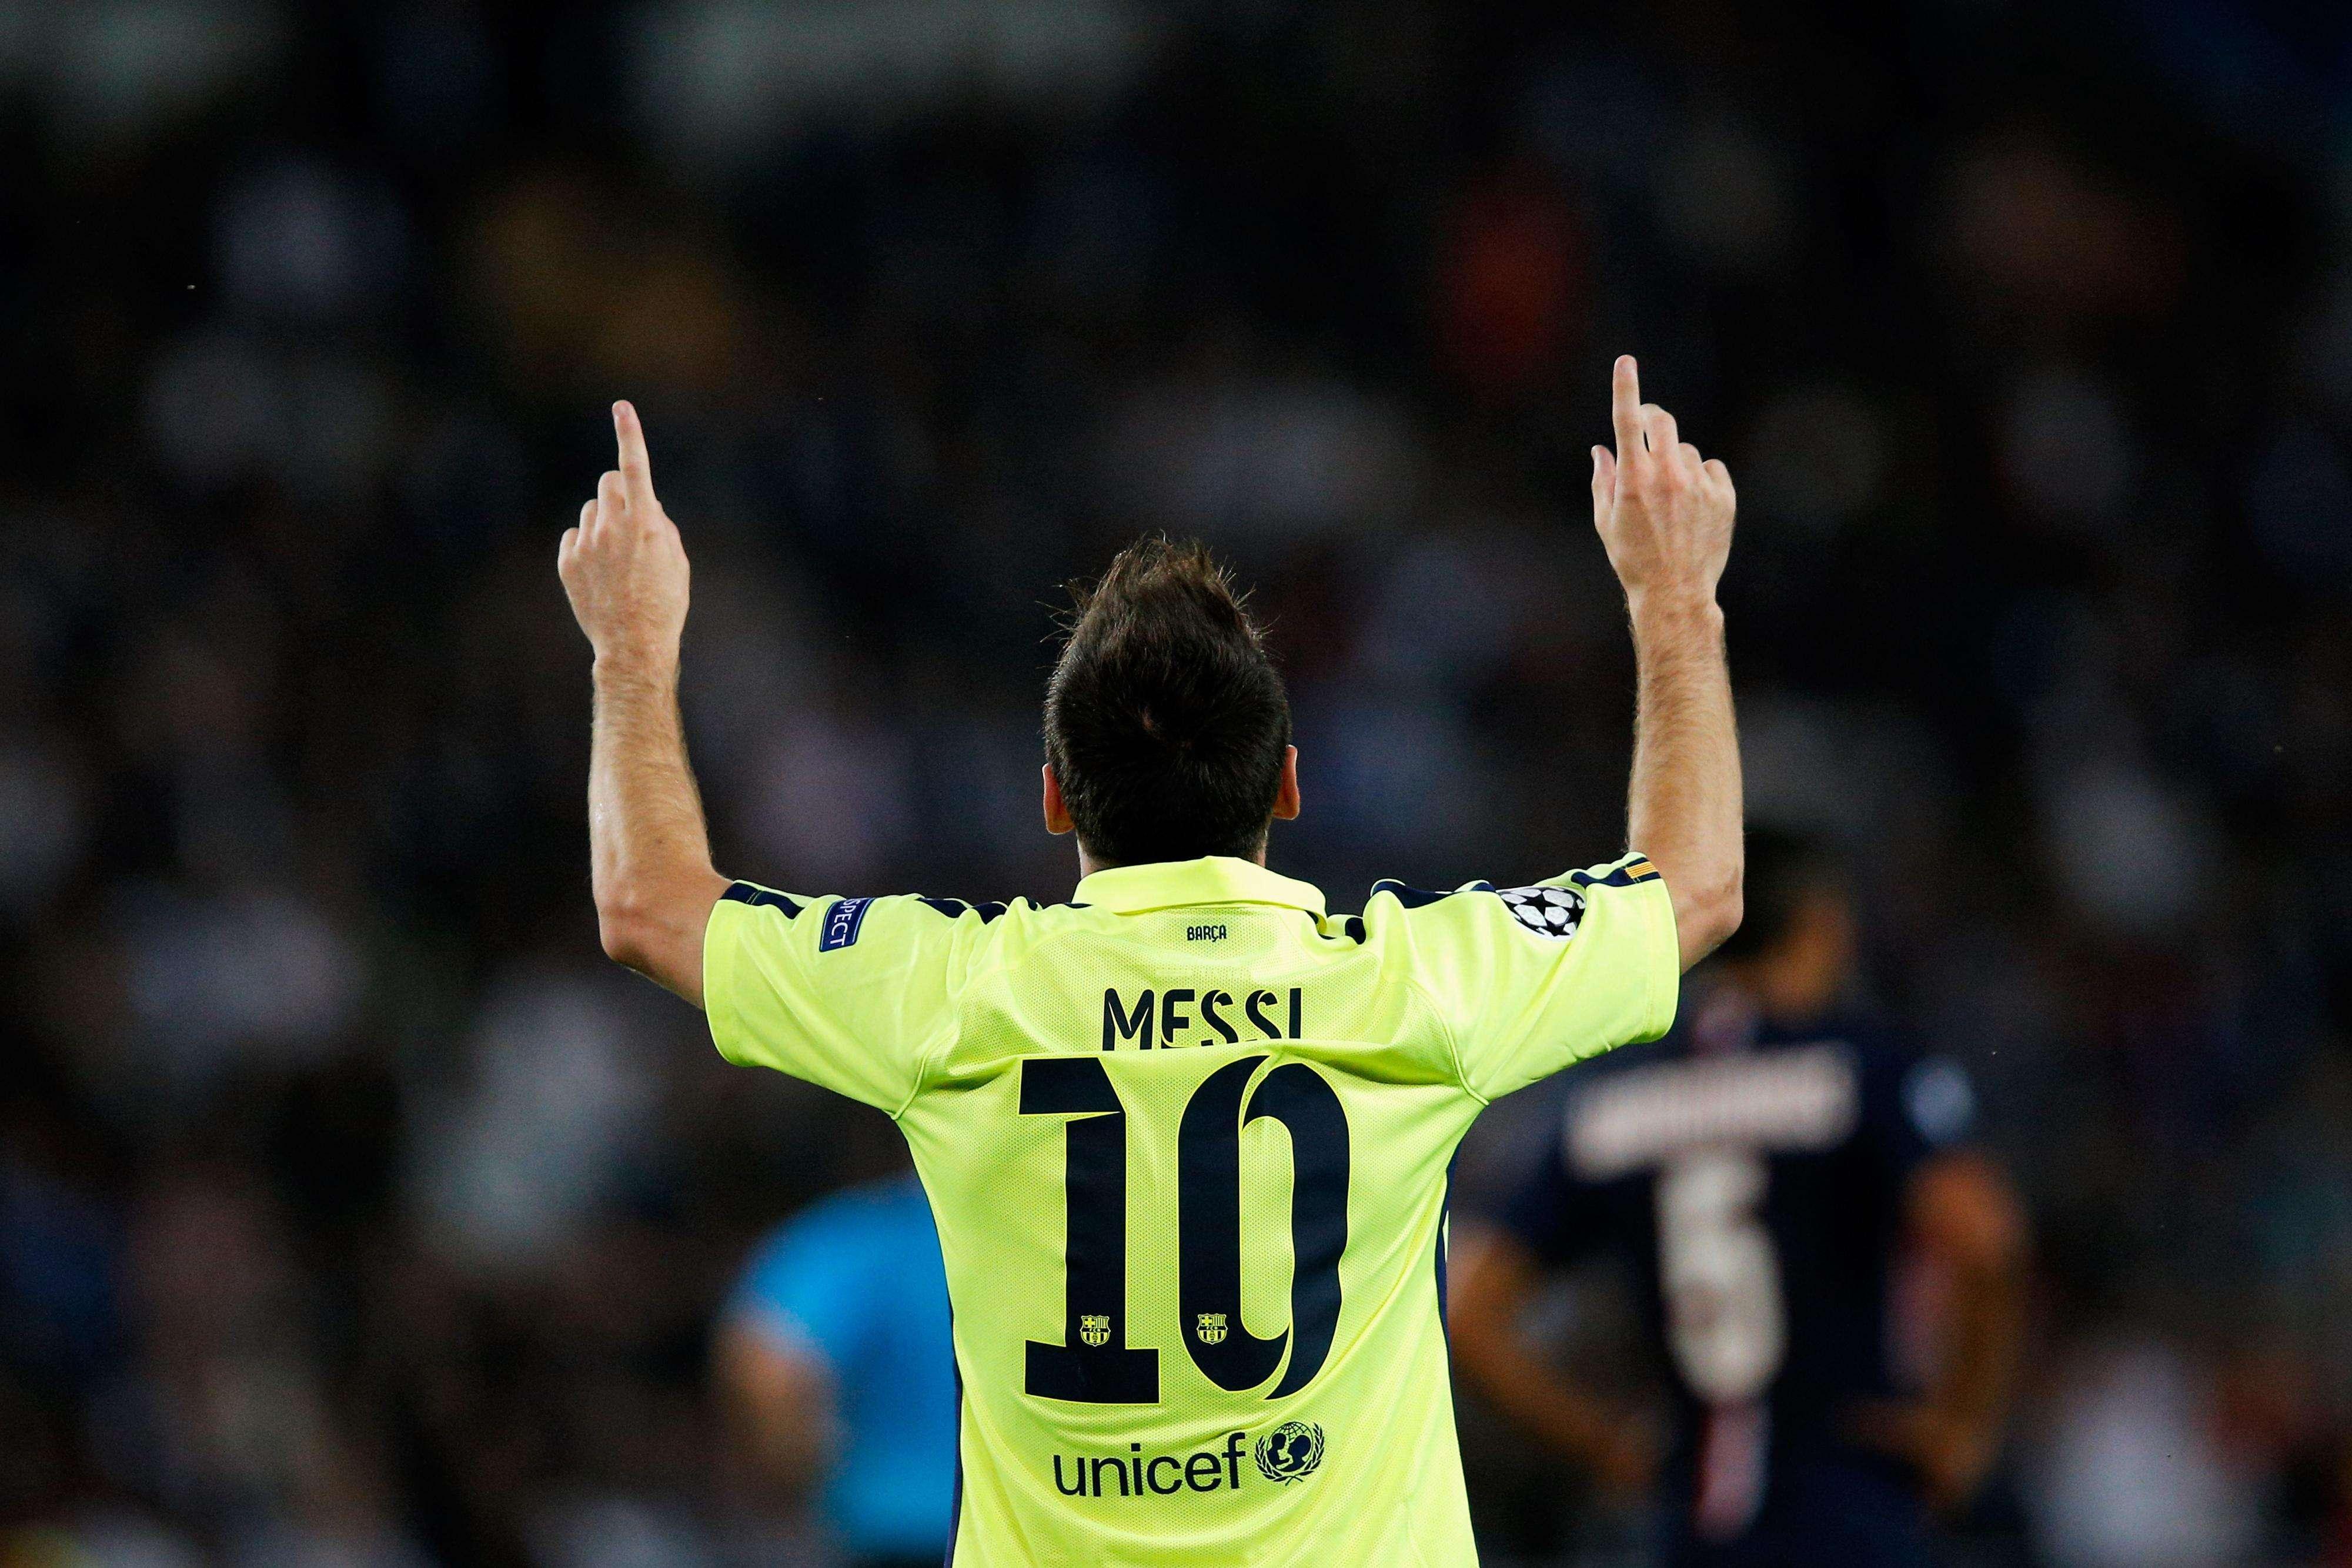 Pese a marcar un tanto histórico, Messi y los culés cayeron en Francia Foto: Getty Images